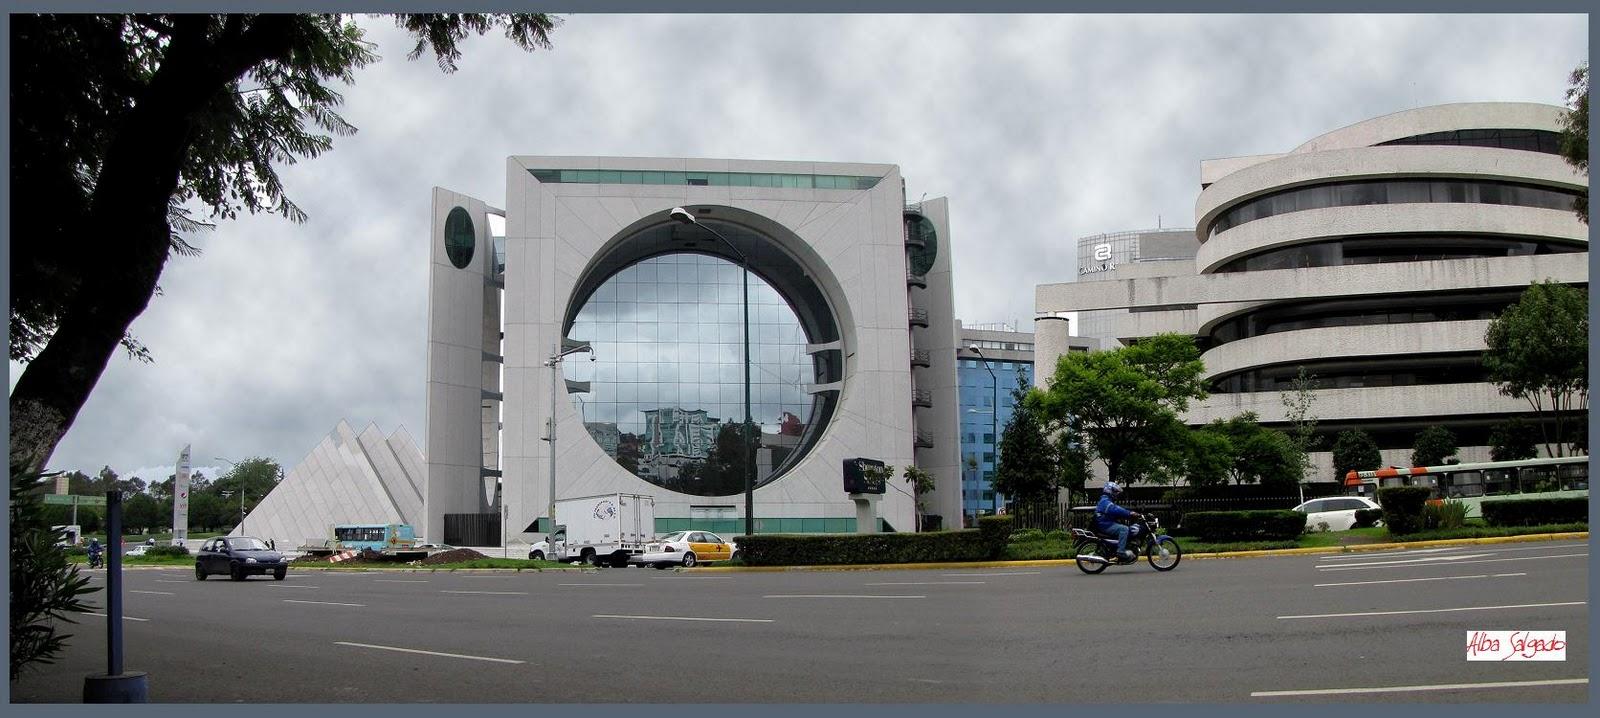 Los edificios ms raros del Mundo  Rincn Abstracto